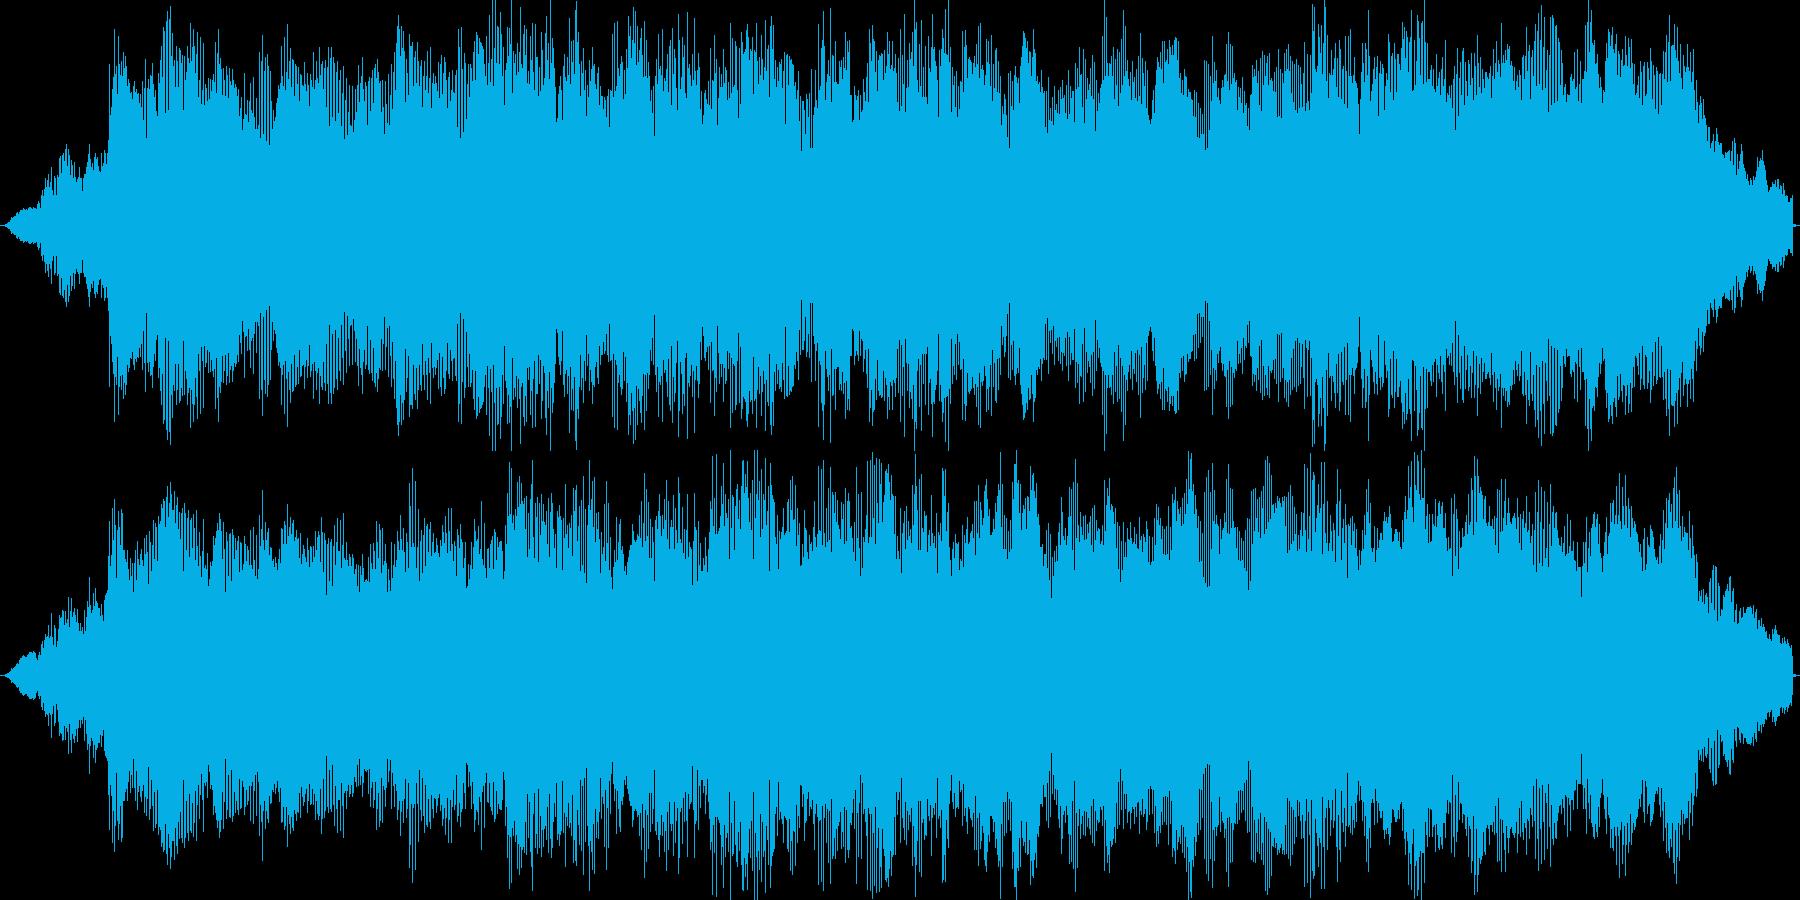 オーケストラの軽快なジングルの再生済みの波形